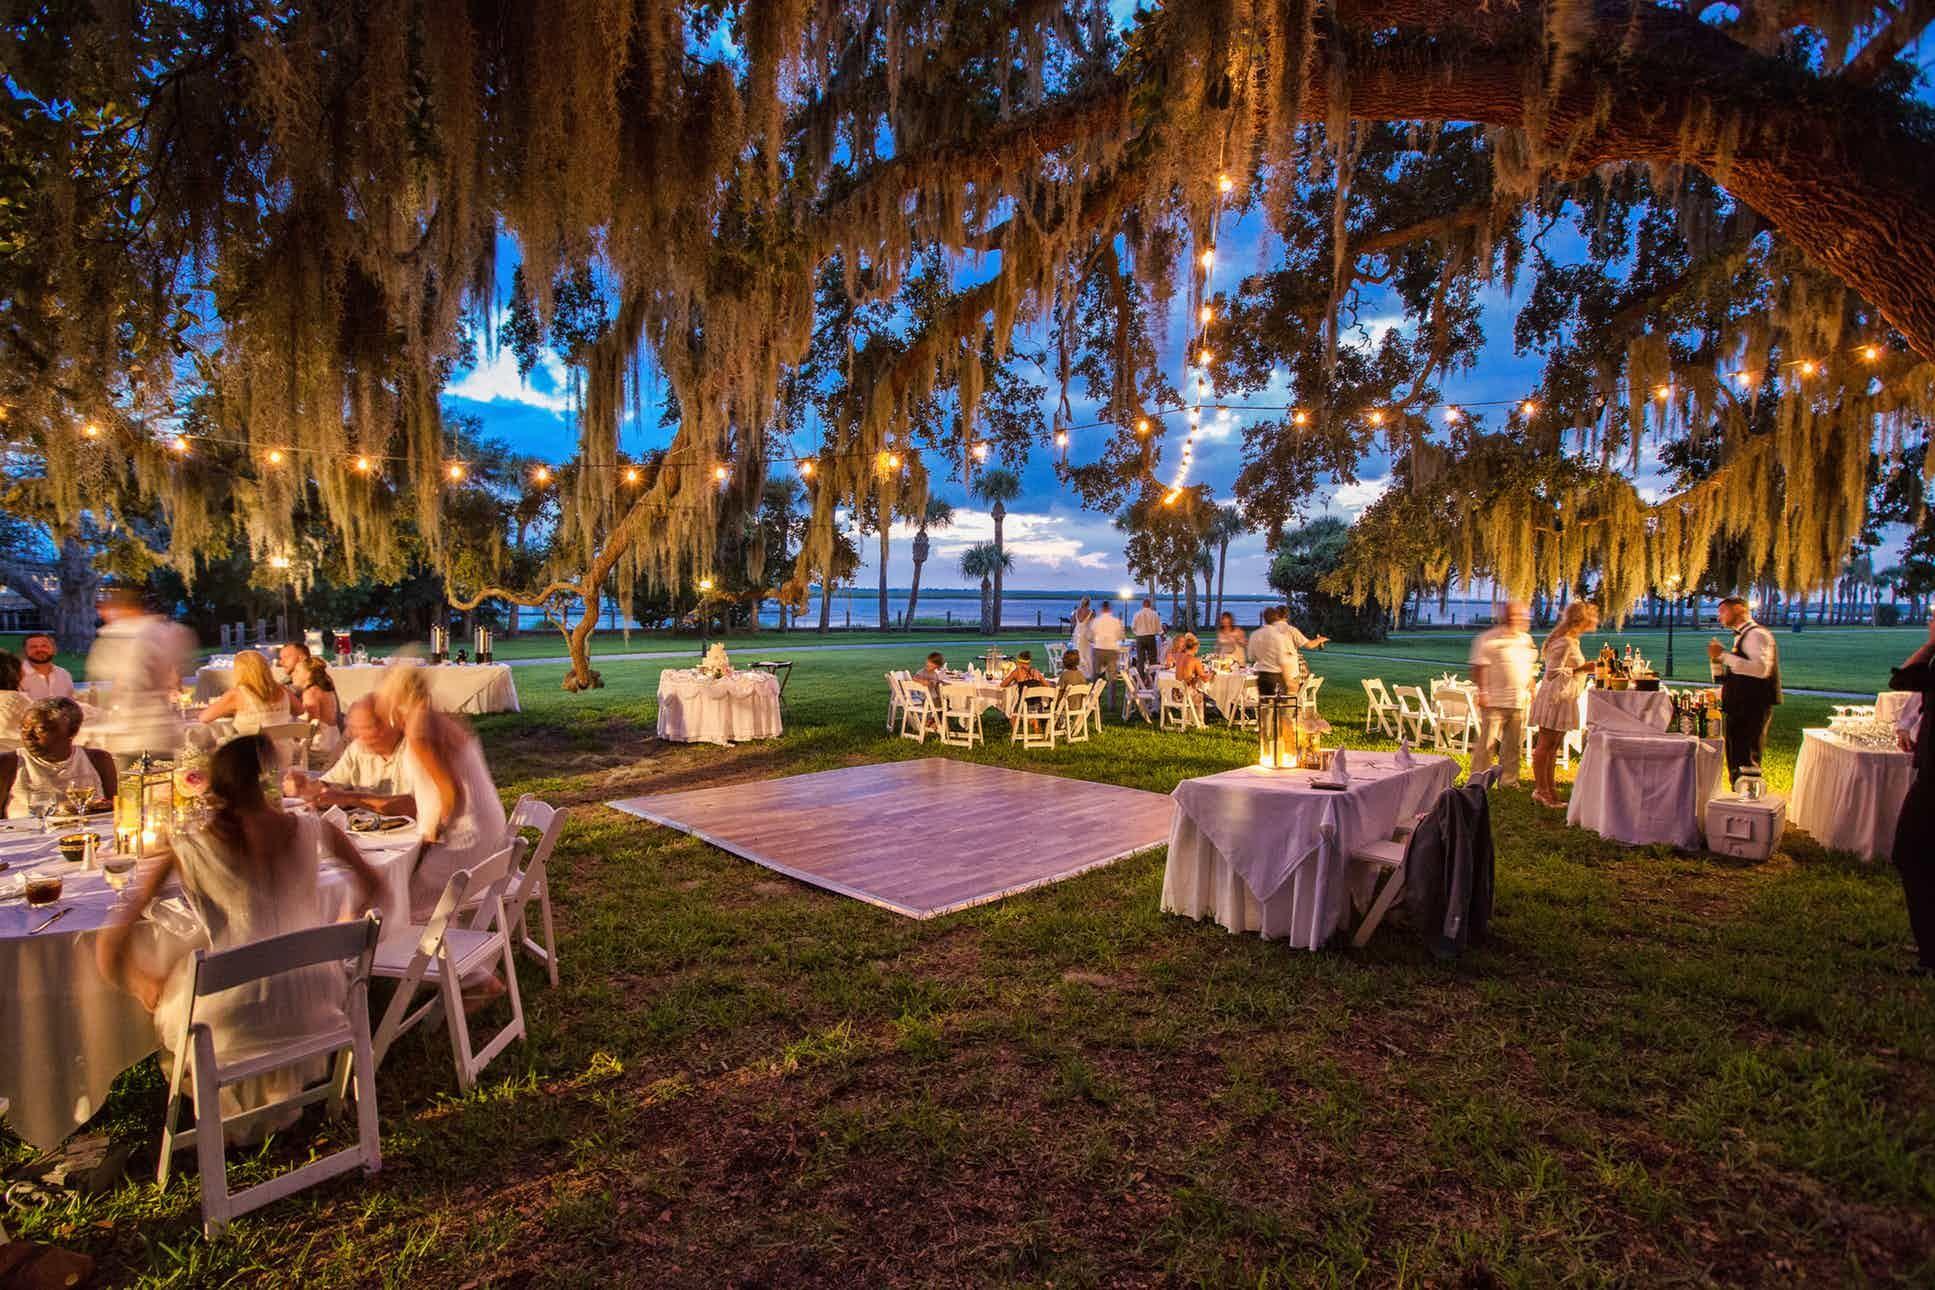 Jekyll Island Club Resort See Georgia Coast Wedding Venue Ga 31527 In 2020 Georgia Wedding Venues Ga Wedding Venues Island Weddings